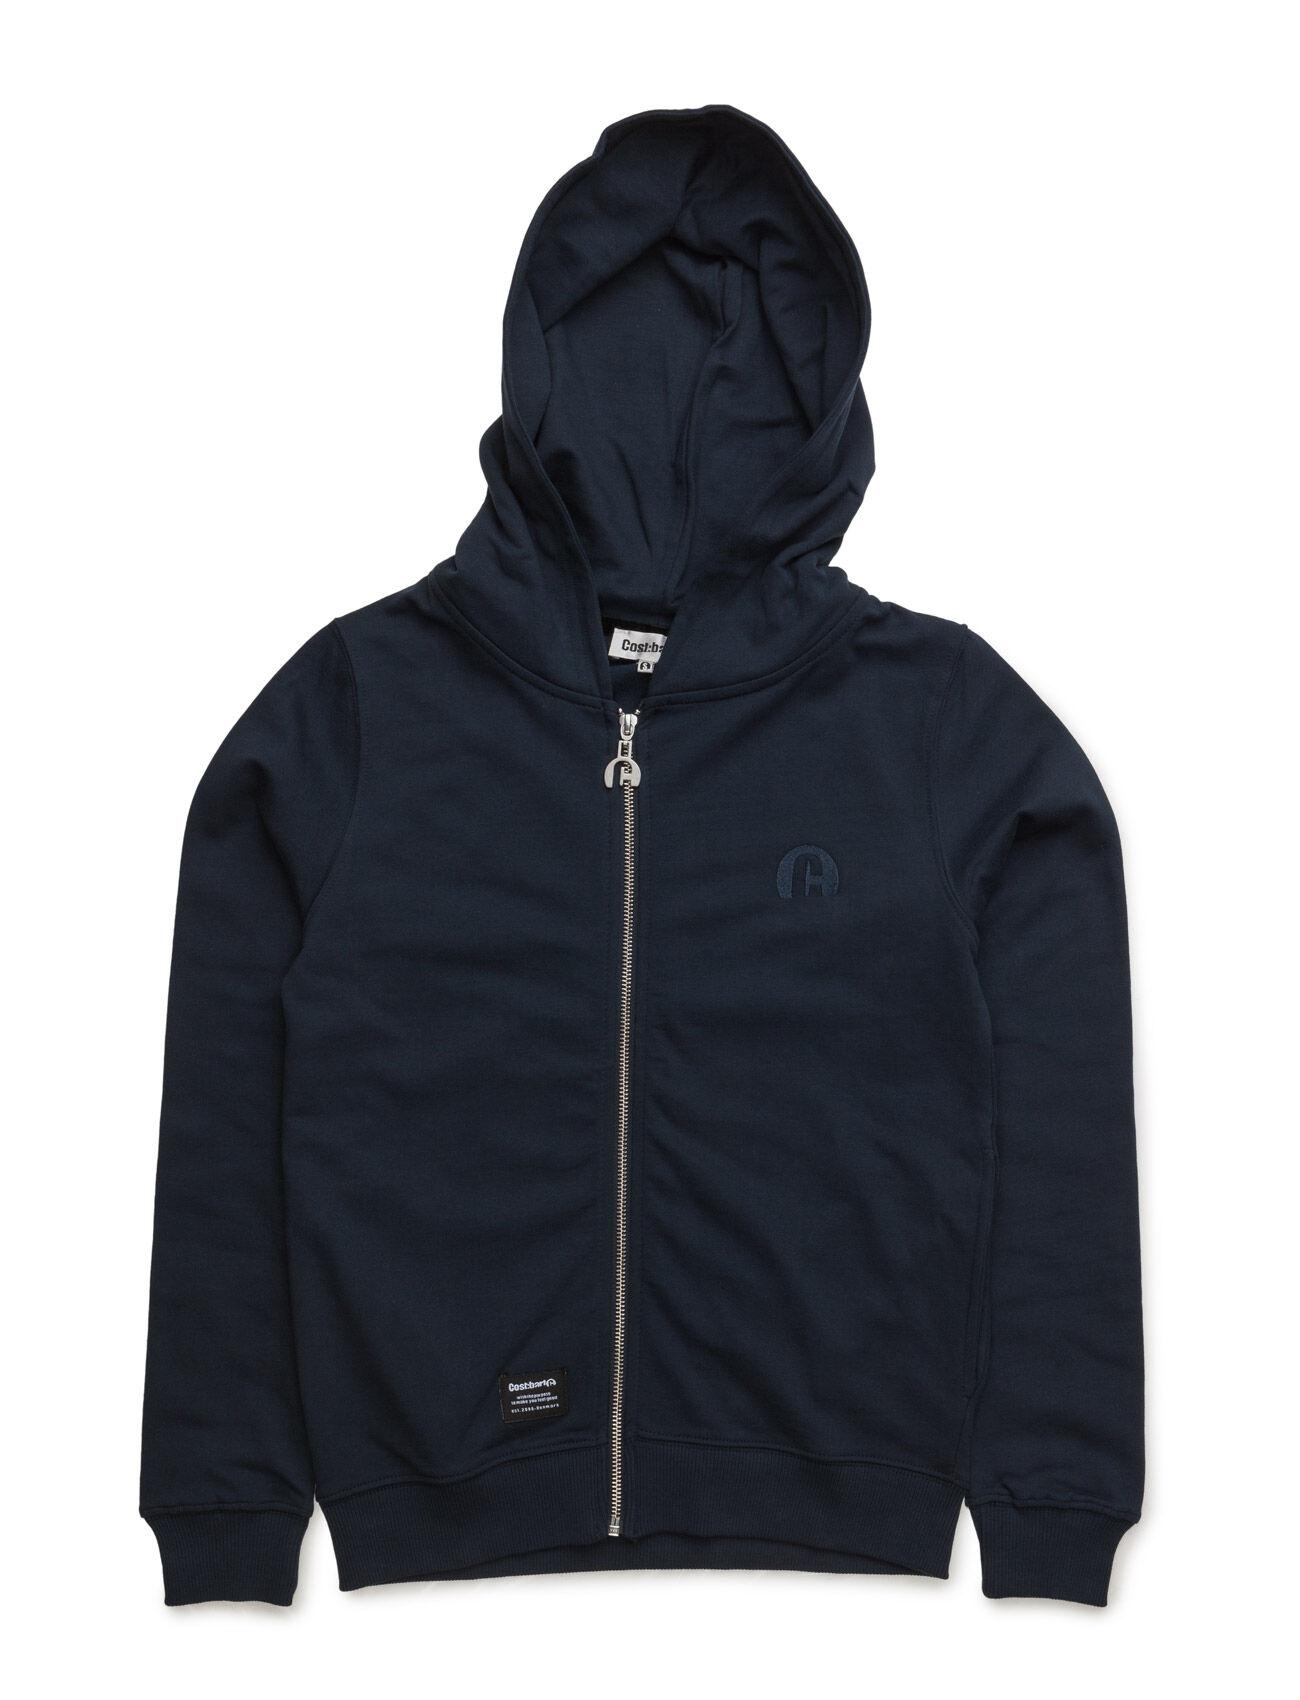 CostBart Lennon Sweatshirt